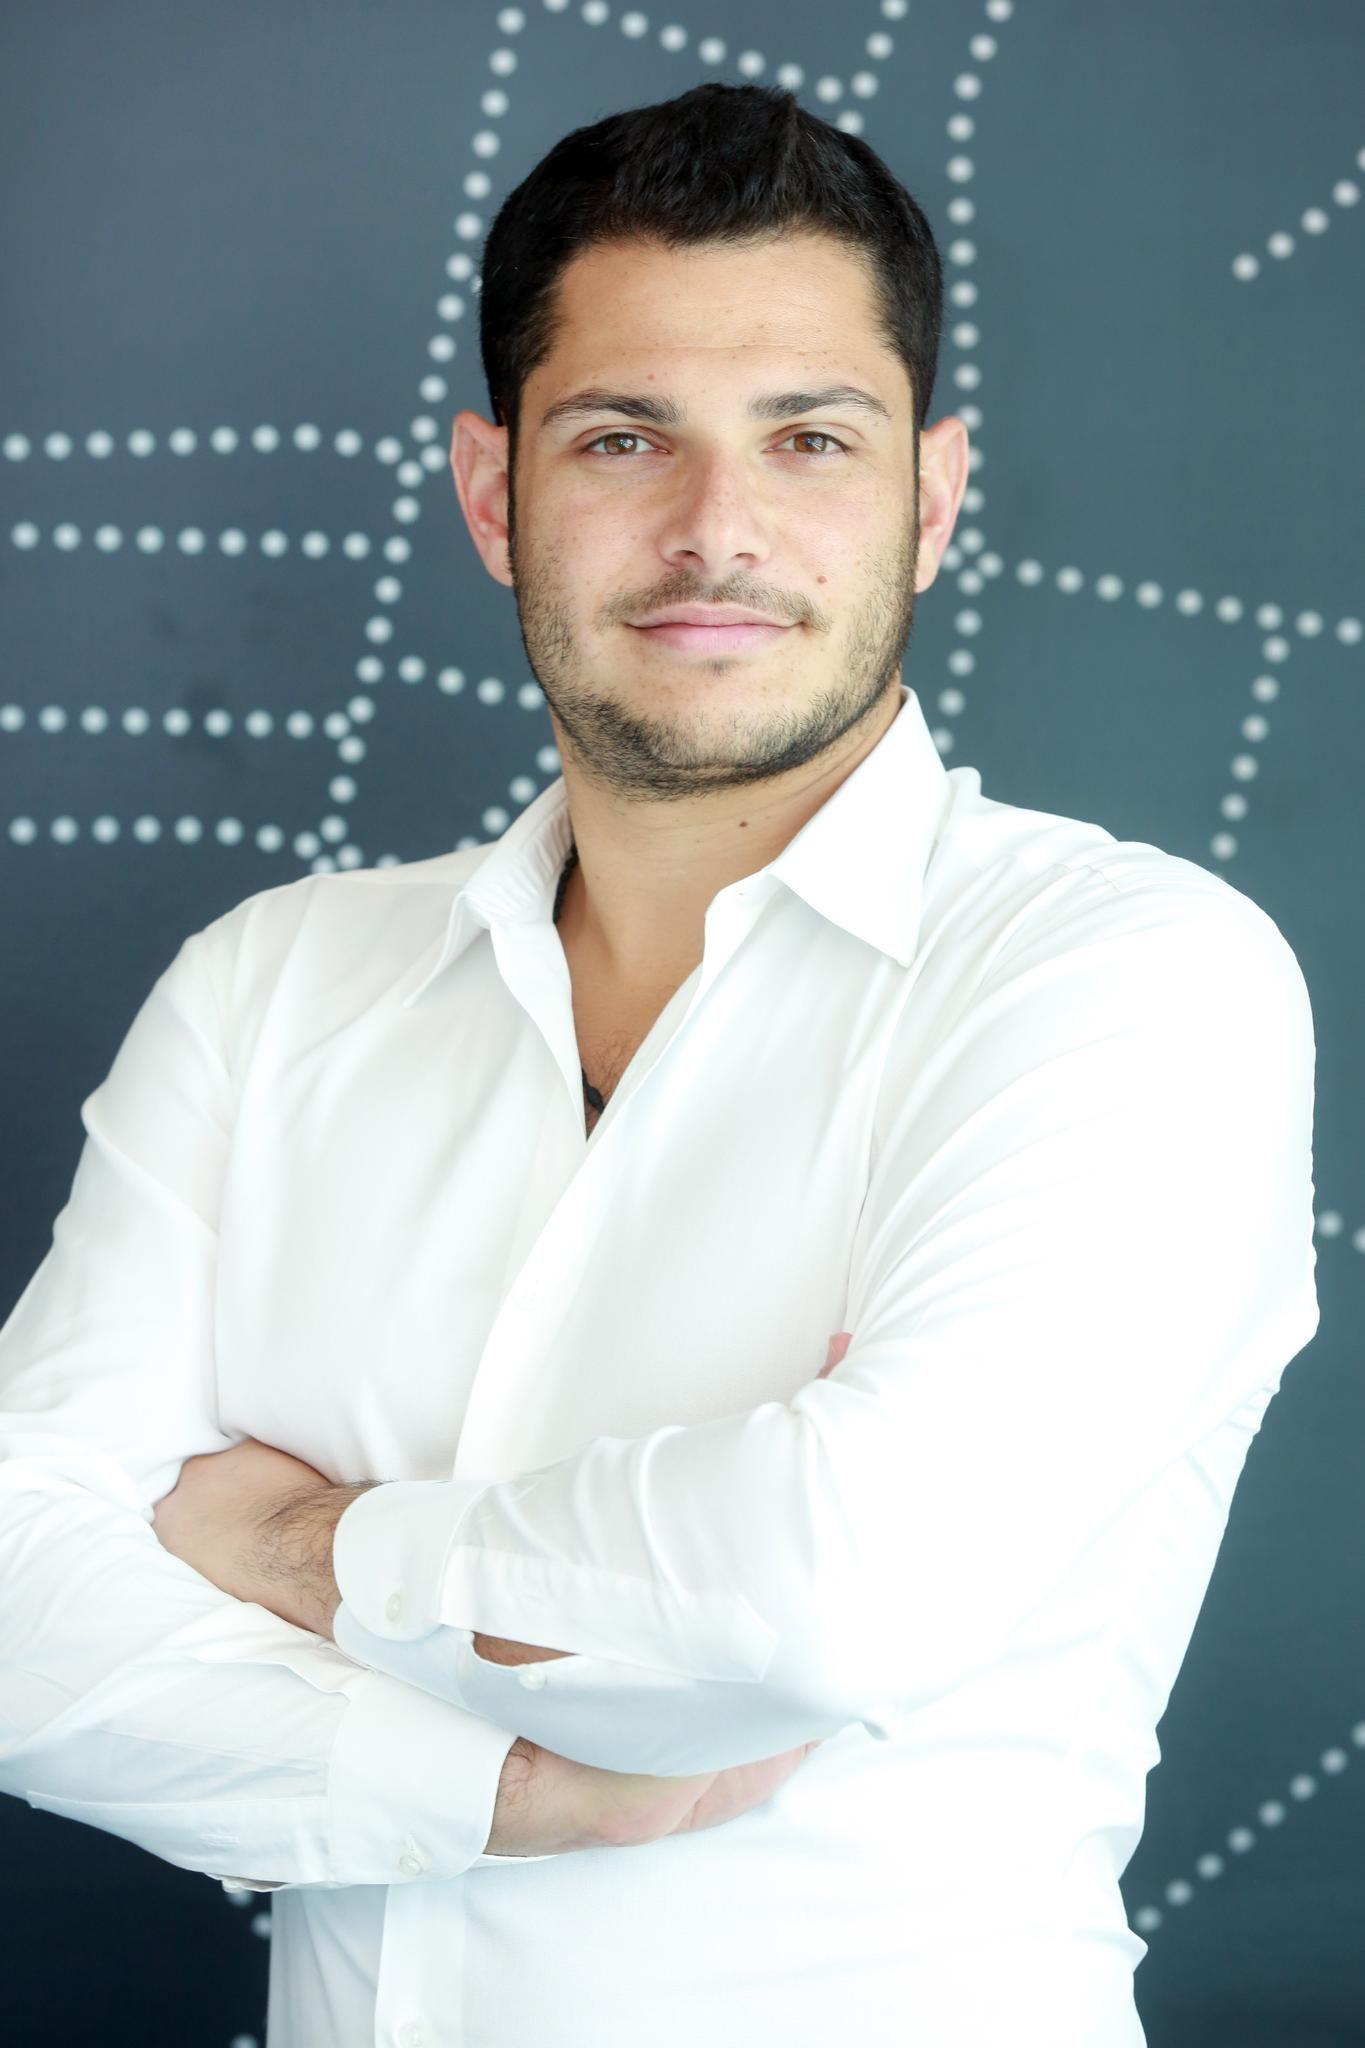 Anthony Khoury